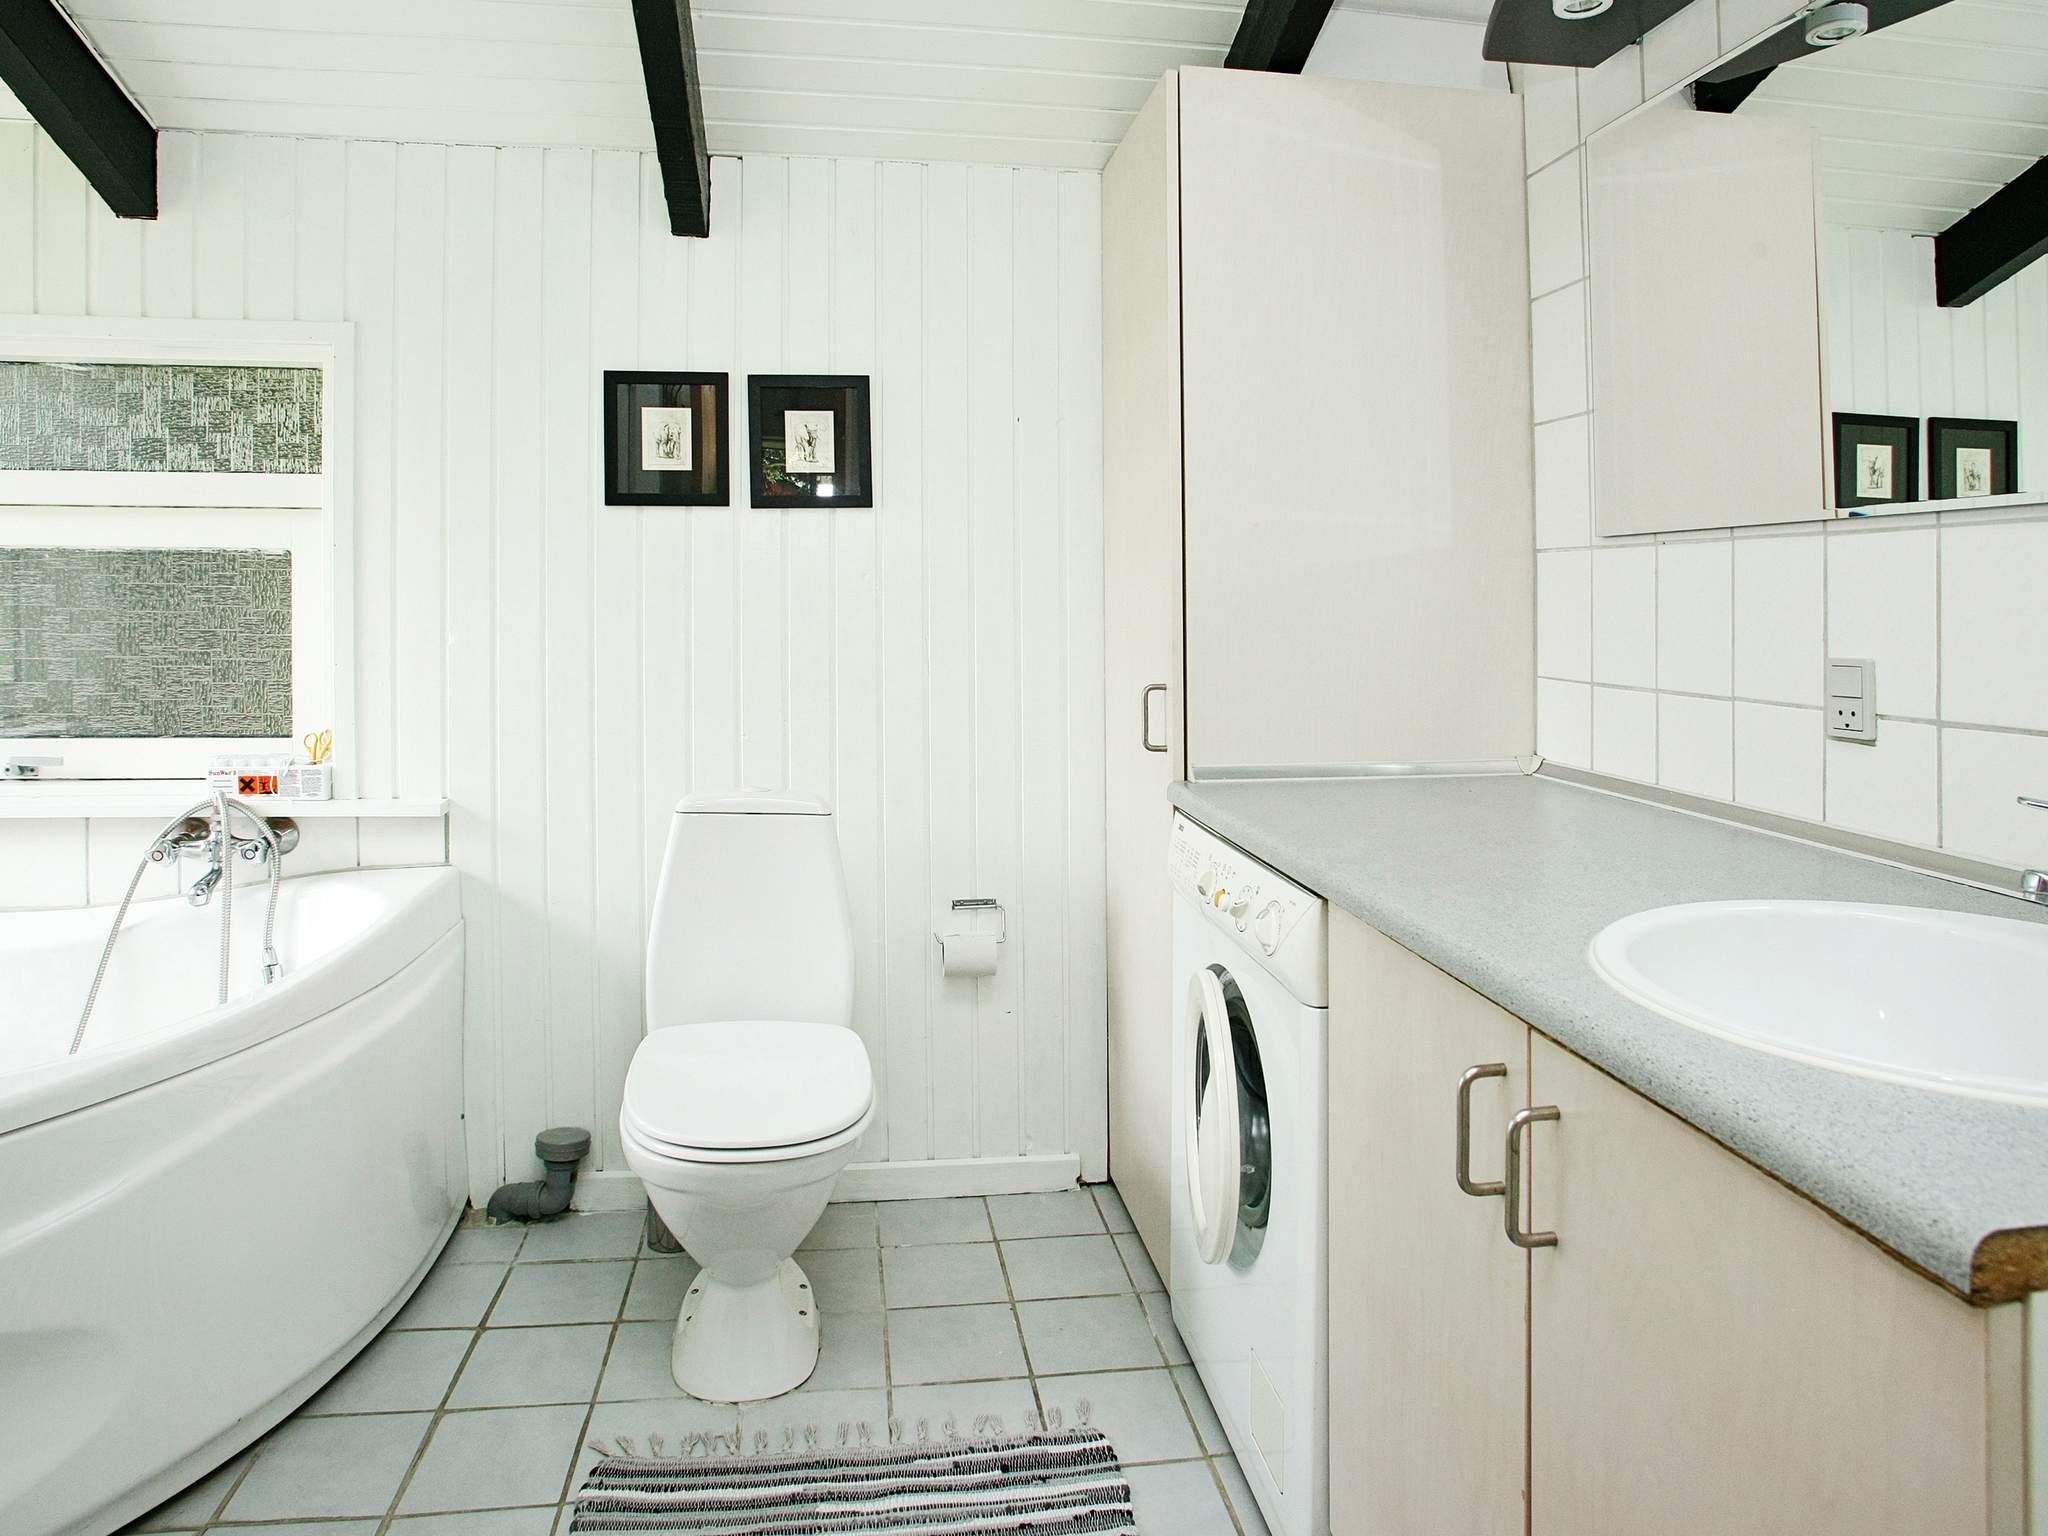 Ferienhaus Hou/Lagunen (83358), Hou, , Nordostjütland, Dänemark, Bild 11